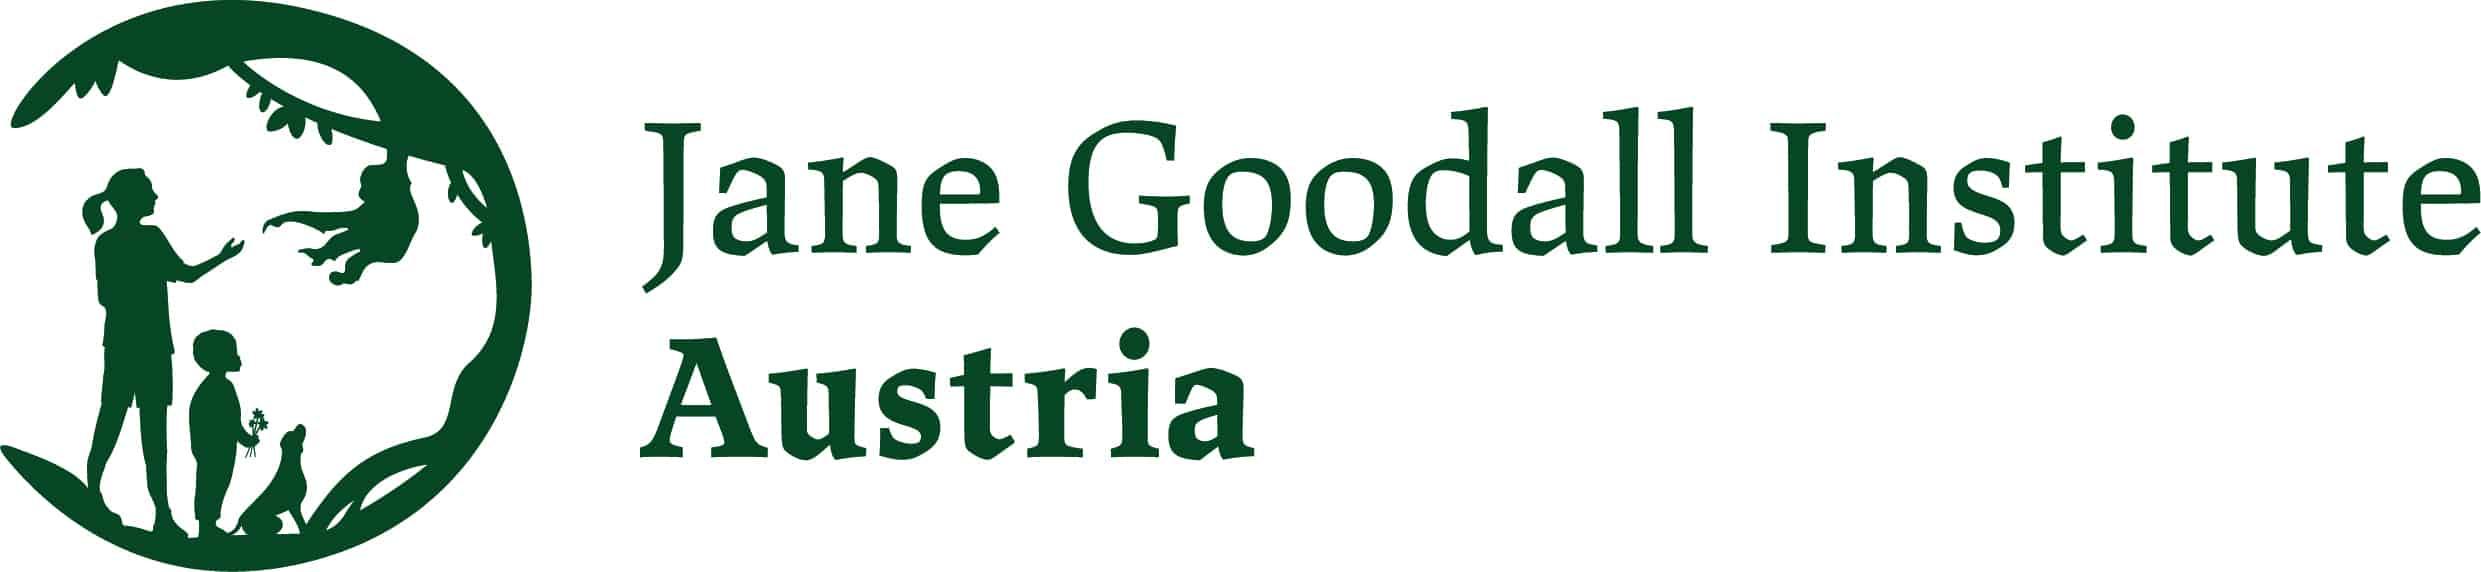 Jane Goodall Institute Austria